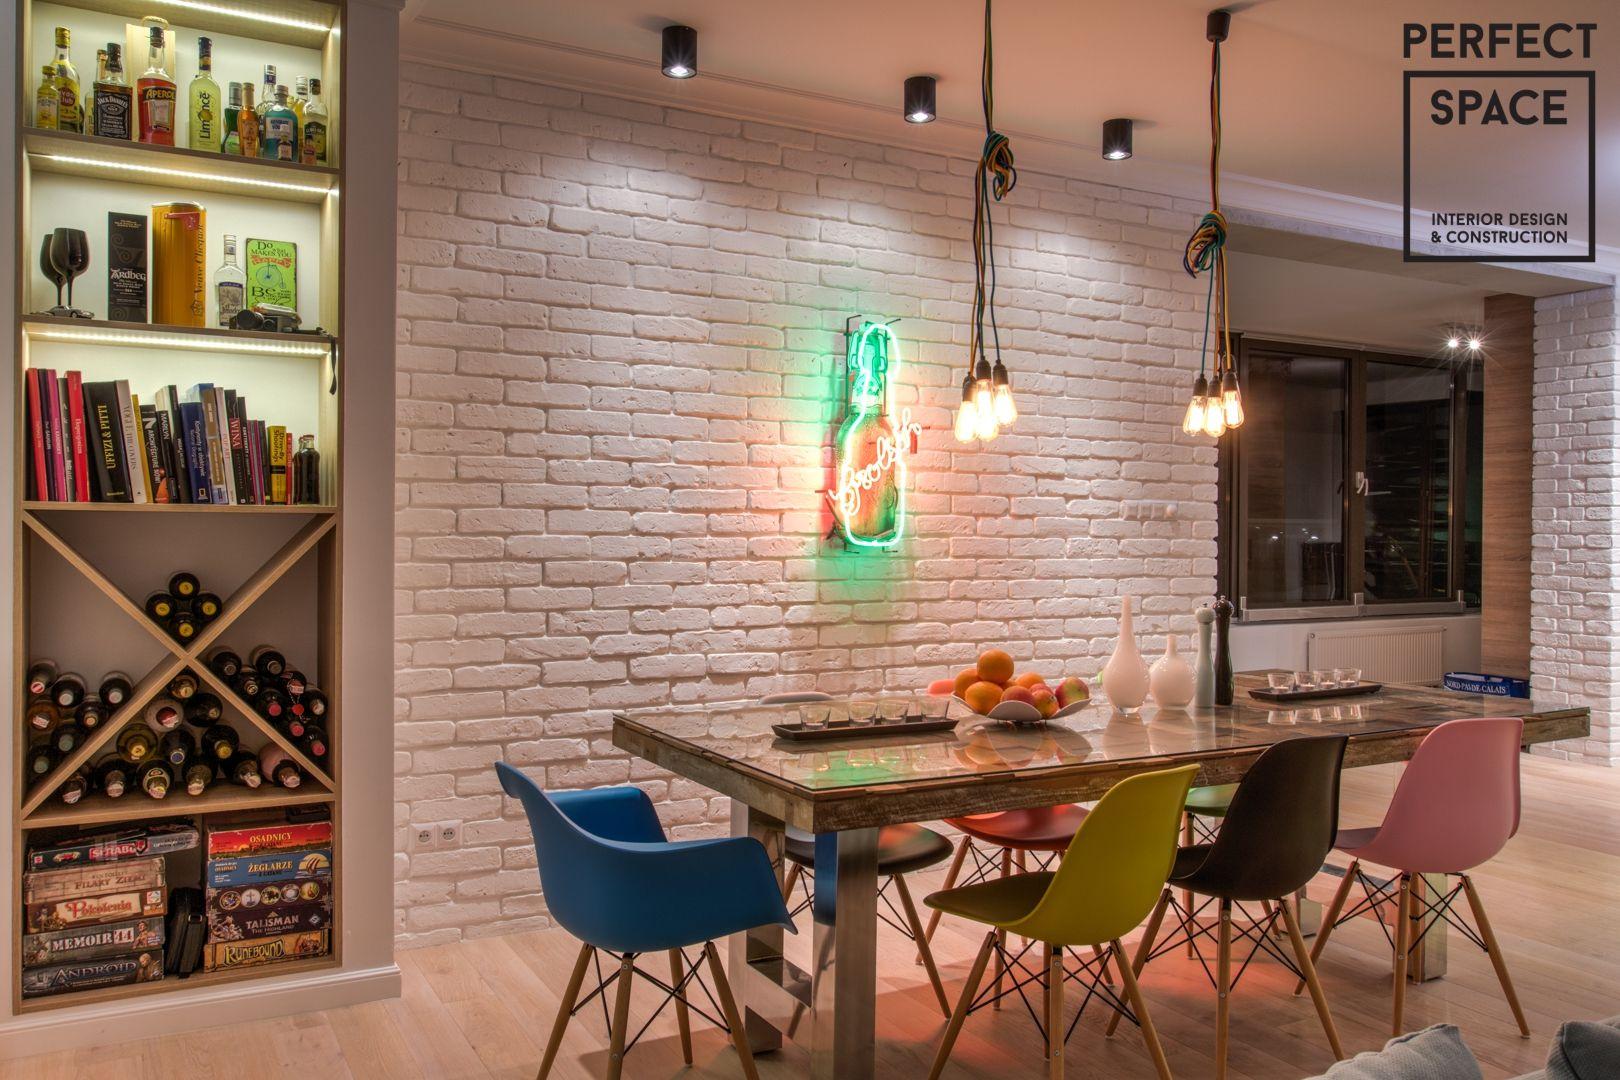 Mieszkanie Dopracowane Pod Wlasciciela Zindywidualizowane Elementy Loftowe Wstawki Calosc Utrzymana W Jednej Kolorystyce Cala Aranza Room Home White Brick